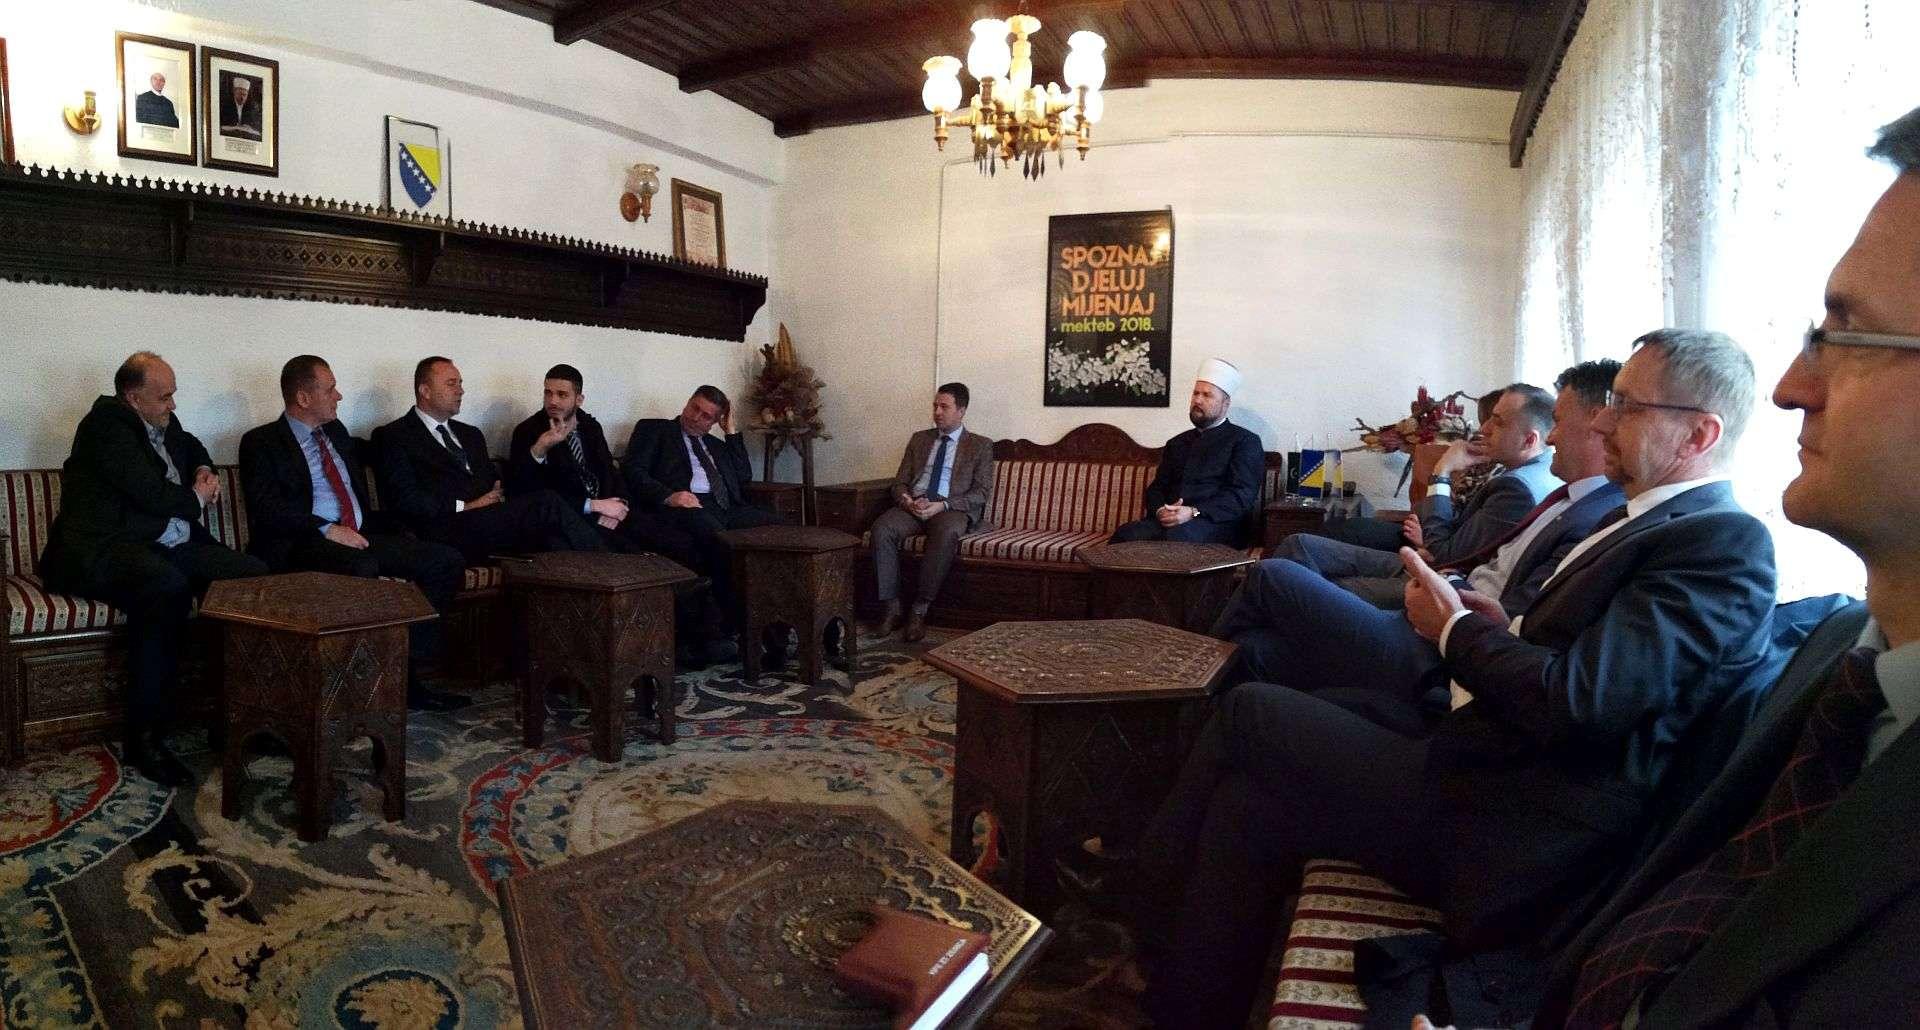 Novoizabrani muftija zenički priličio prijem za delegaciju Vlade Zeničko-dobojskog kantona